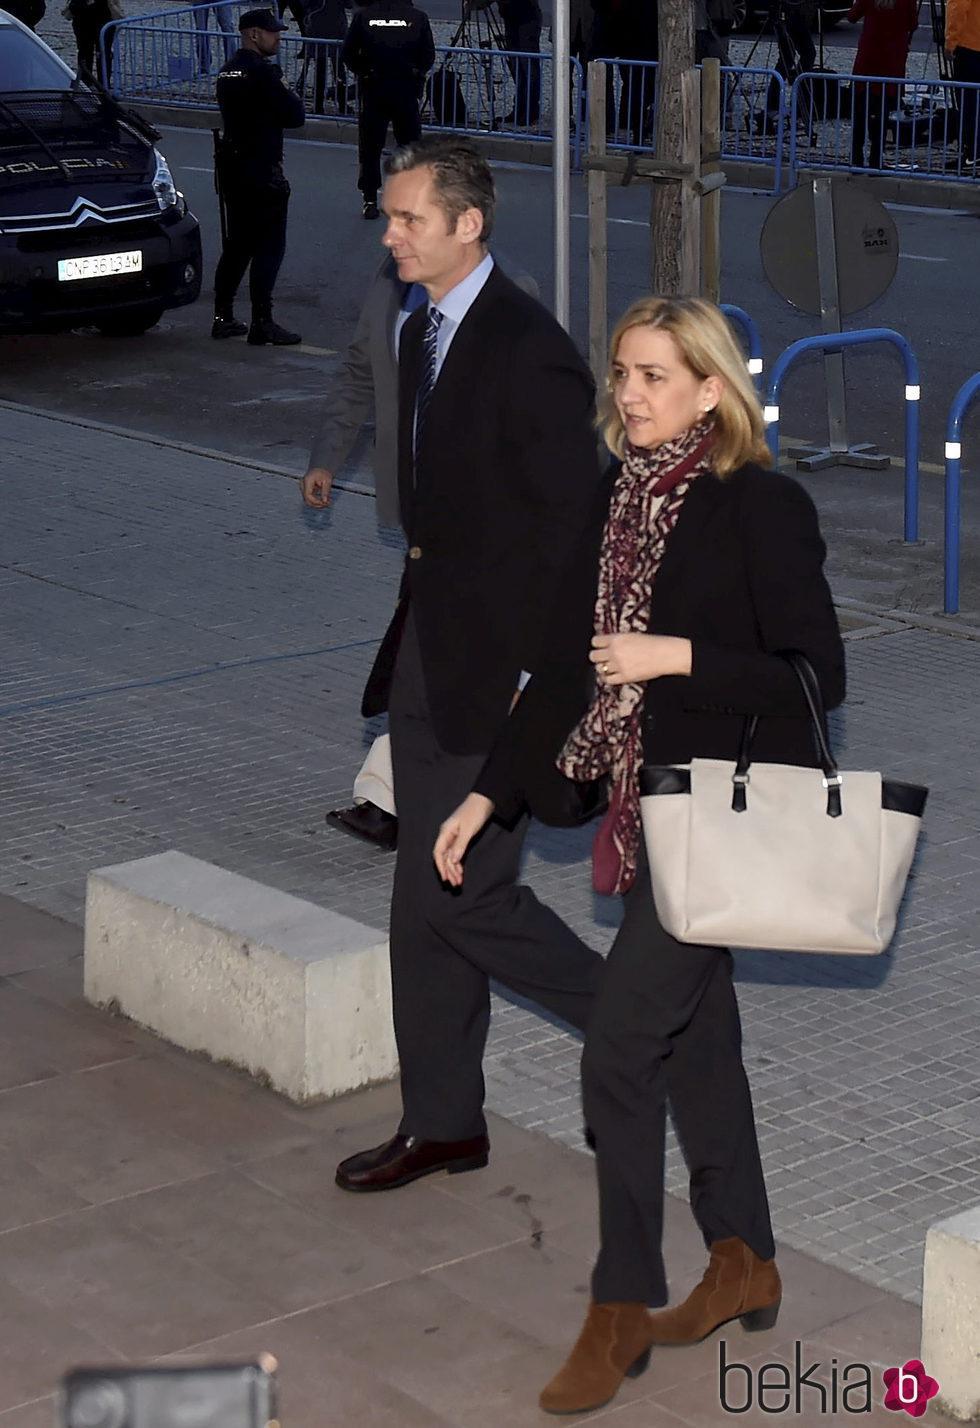 La Infanta Cristina e Iñaki Urdangarín llegan a la primera sesión del juicio por el Caso Nóos